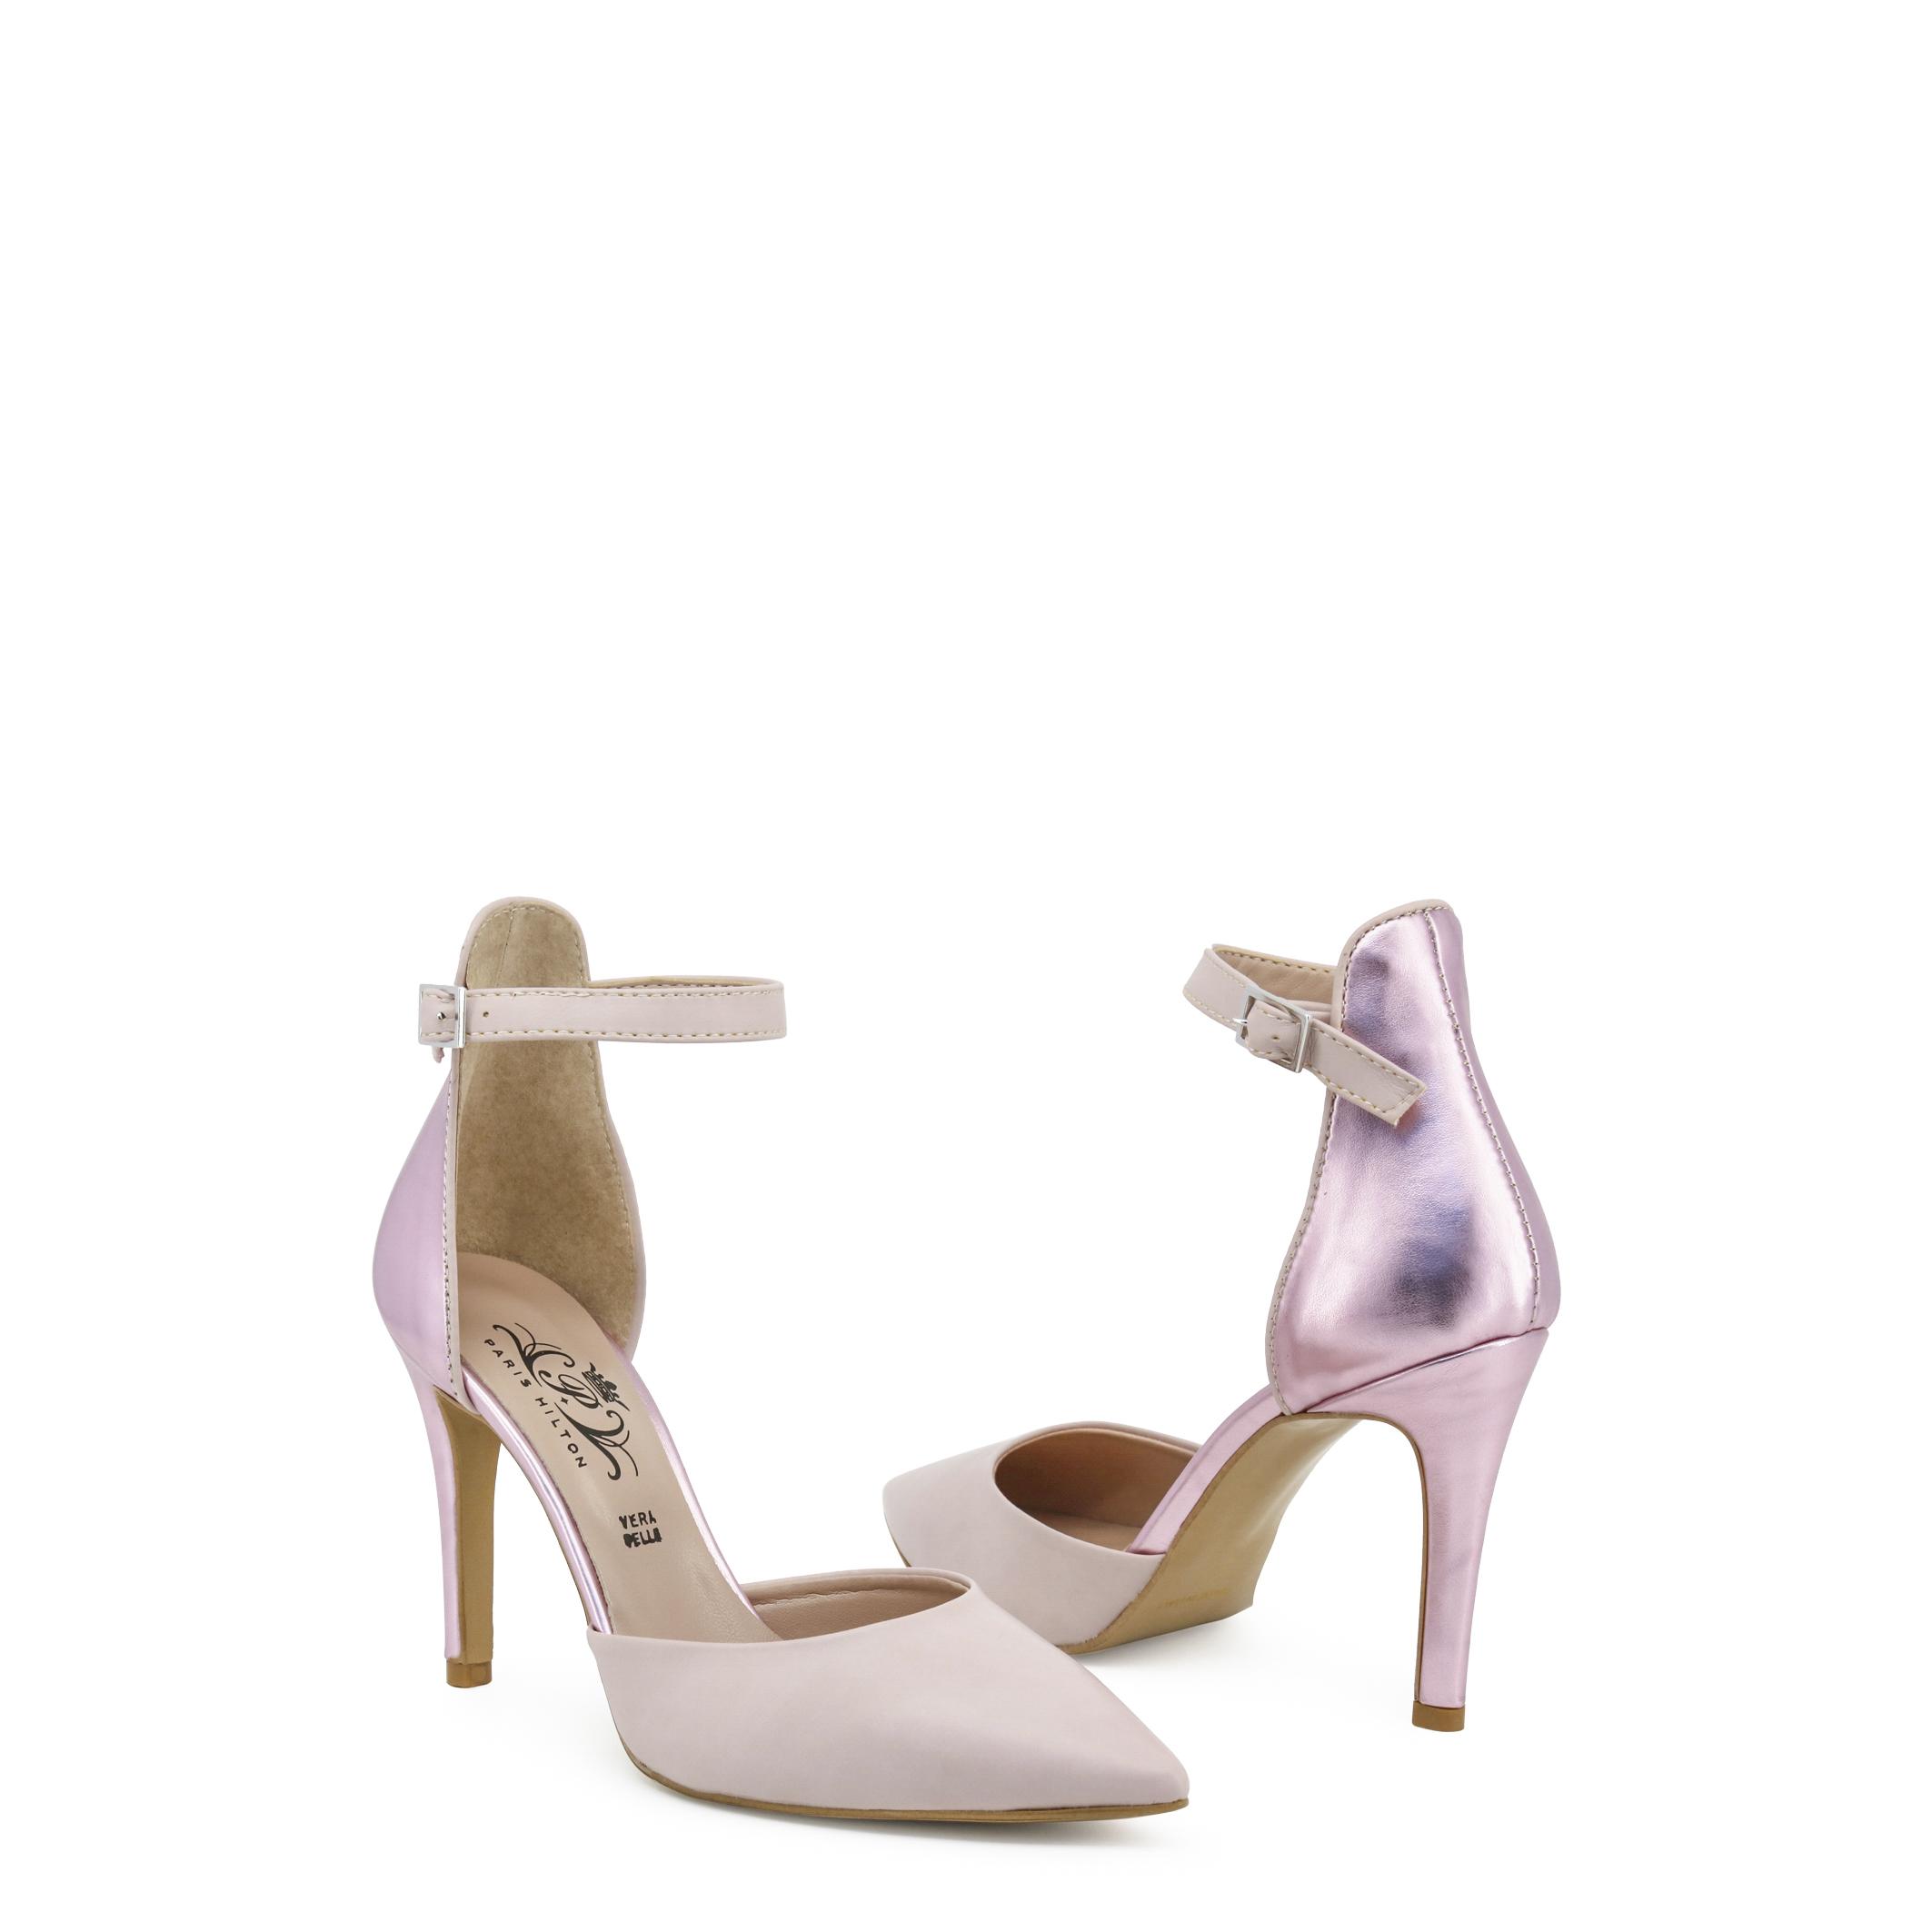 Paris Hilton Donna 6432, Sandali Rosa/Nero Primavera/Estate cbacea